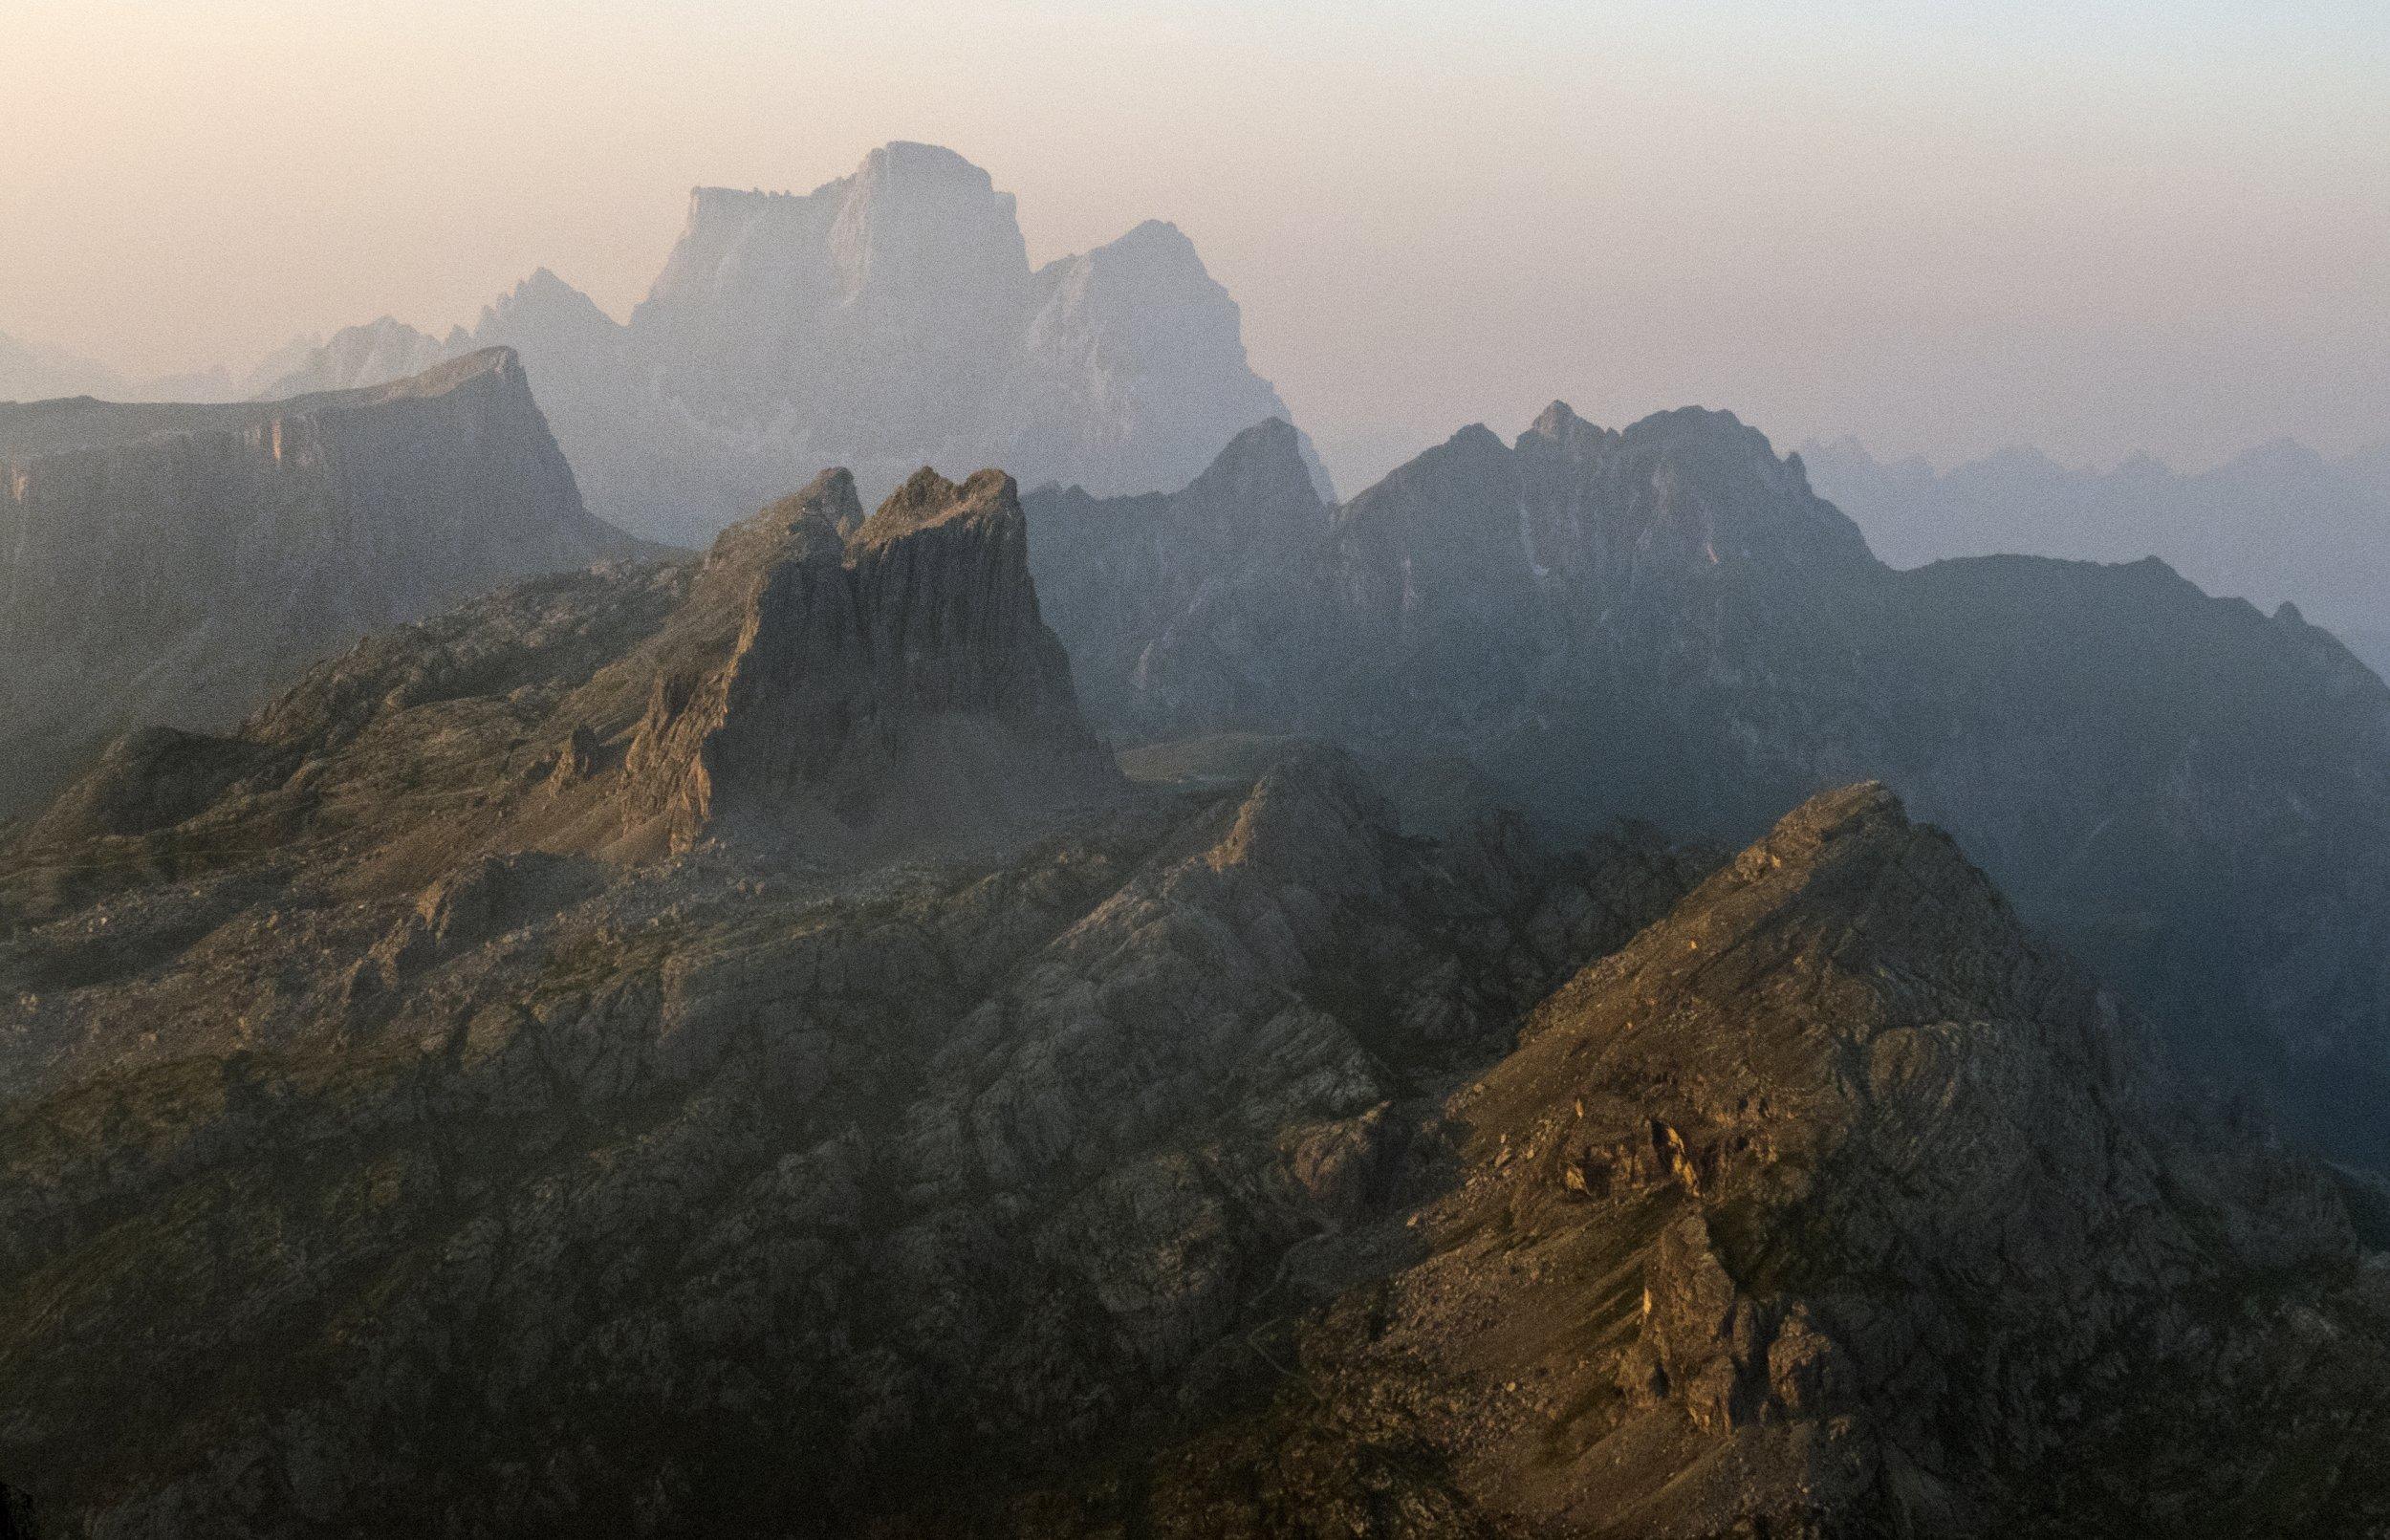 04_17_dolomite_mountains